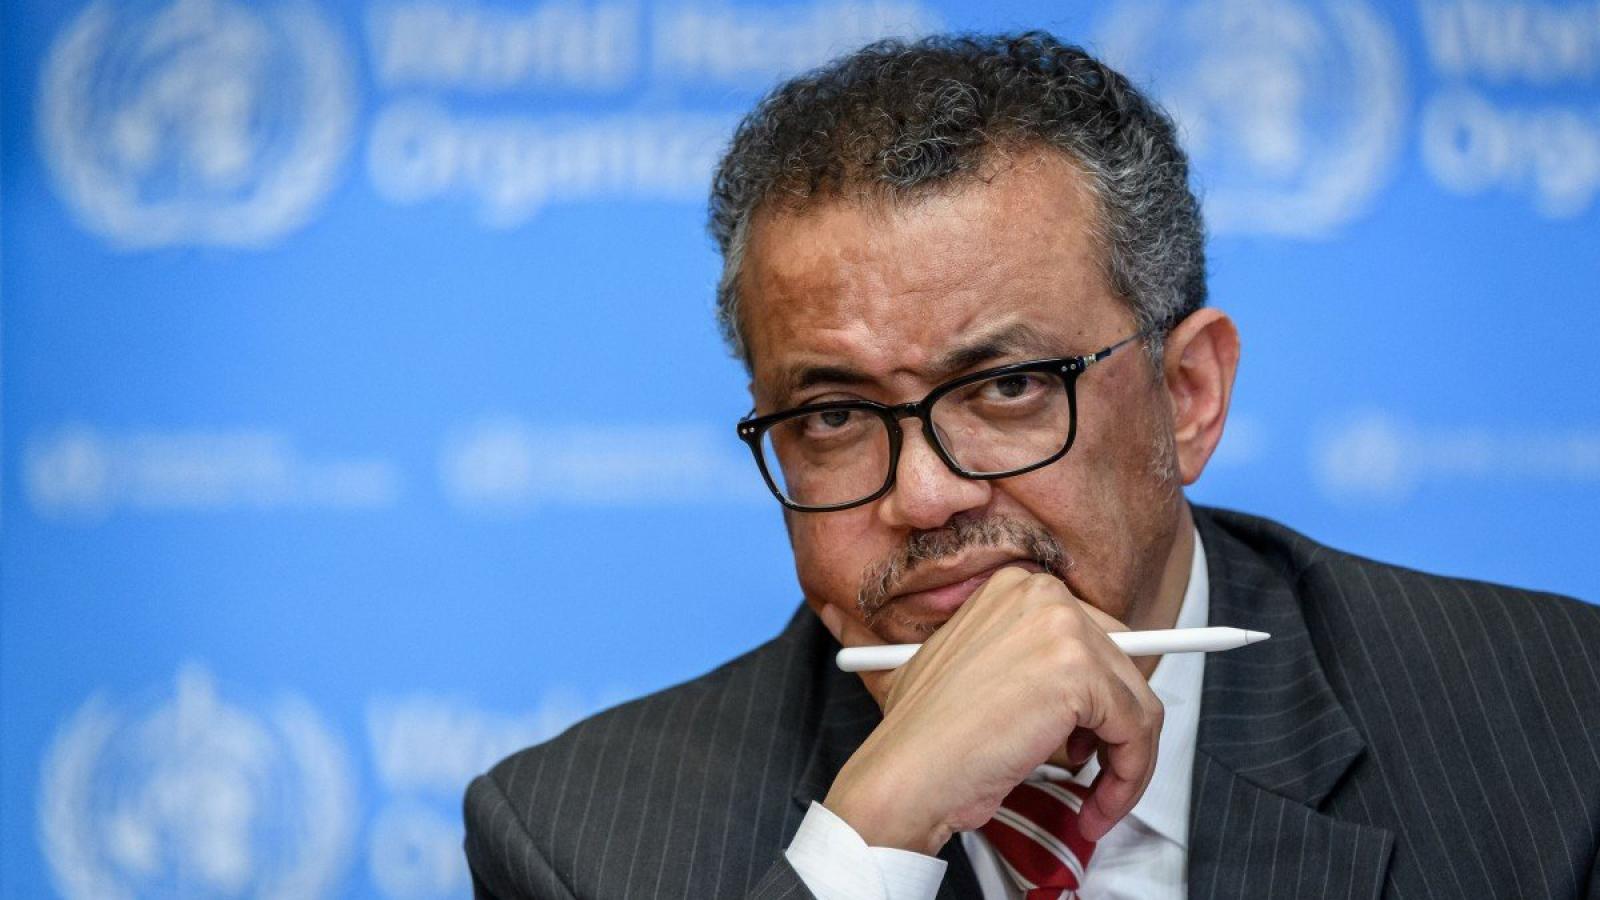 Nghị sĩ Mỹ: Nối lại tài trợ cho WHO nếu Tổng Giám đốc Tedros từ chức